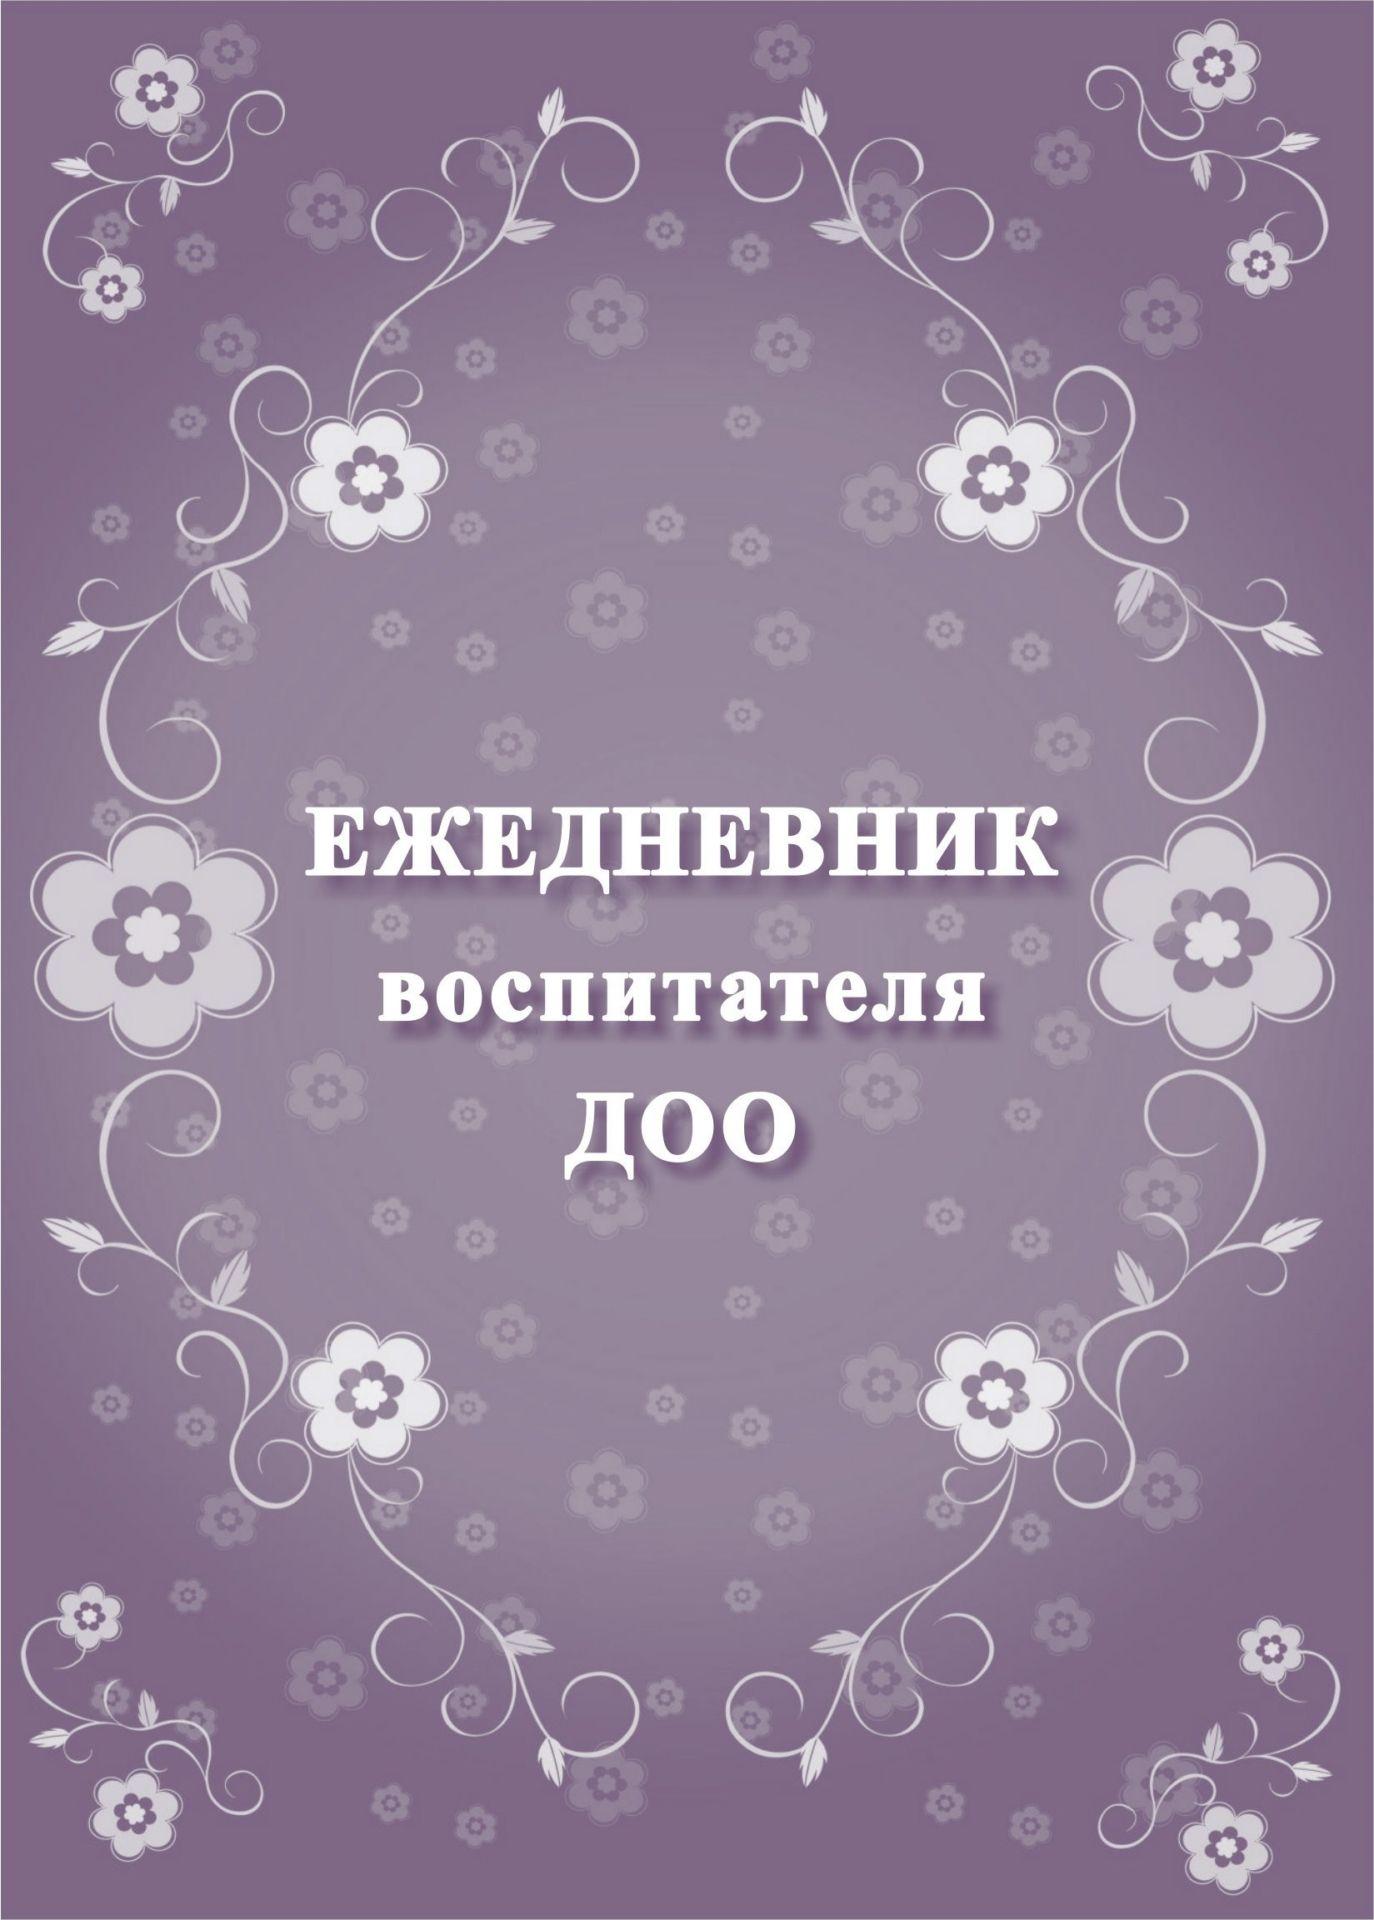 Ежедневник воспитателя ДОО